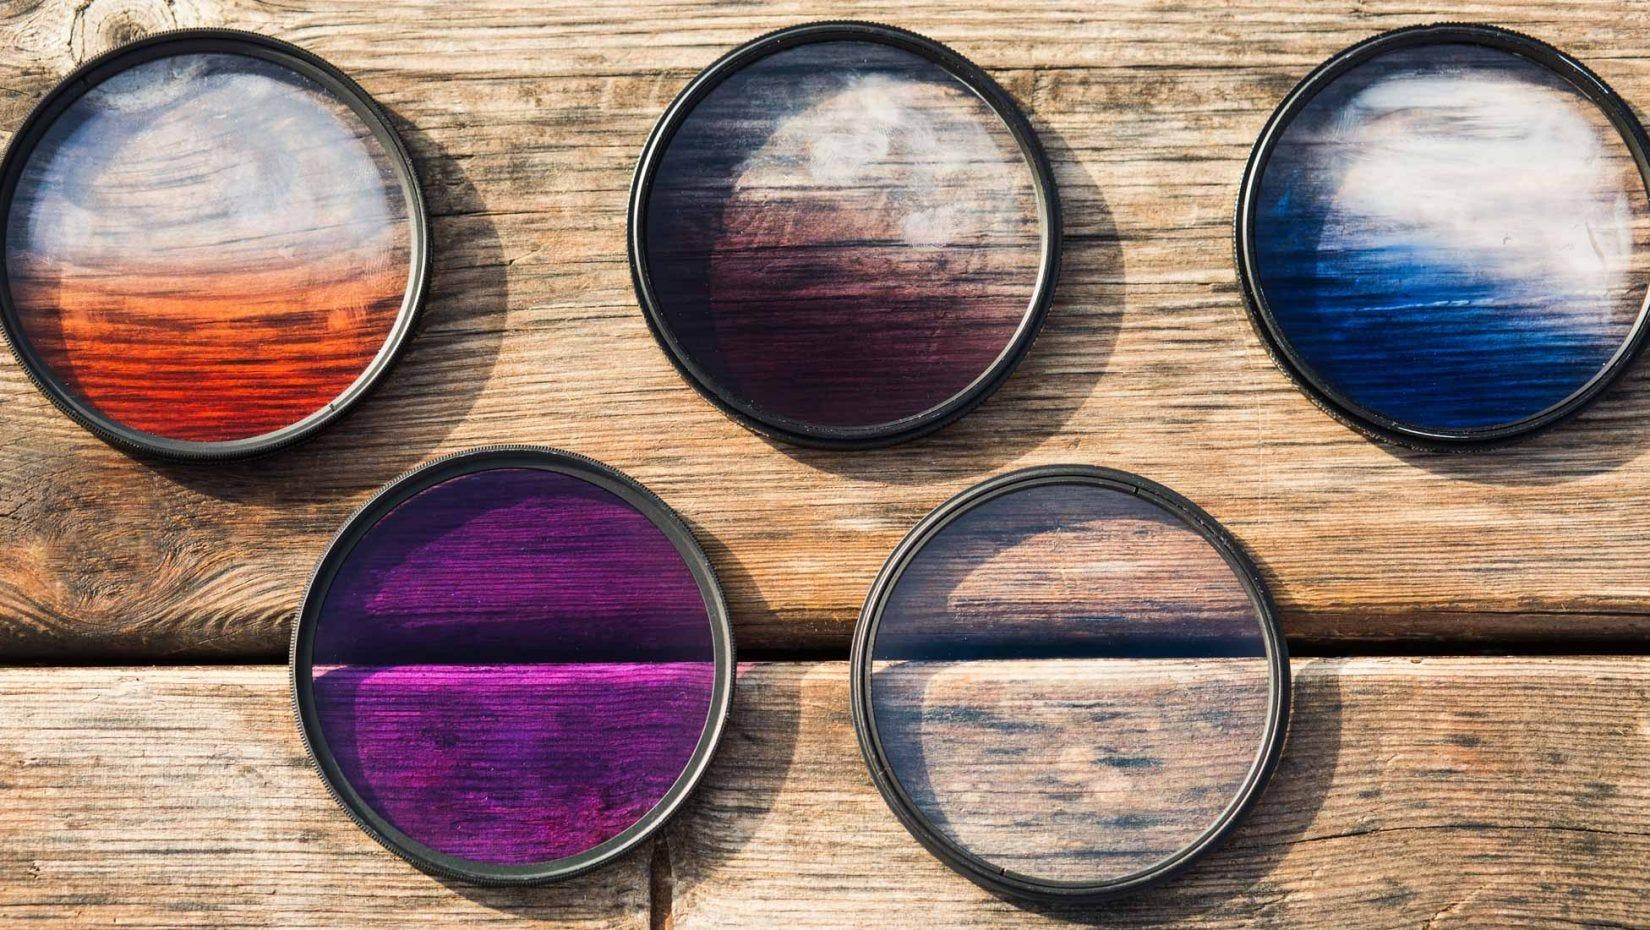 filtros de lente de cámara